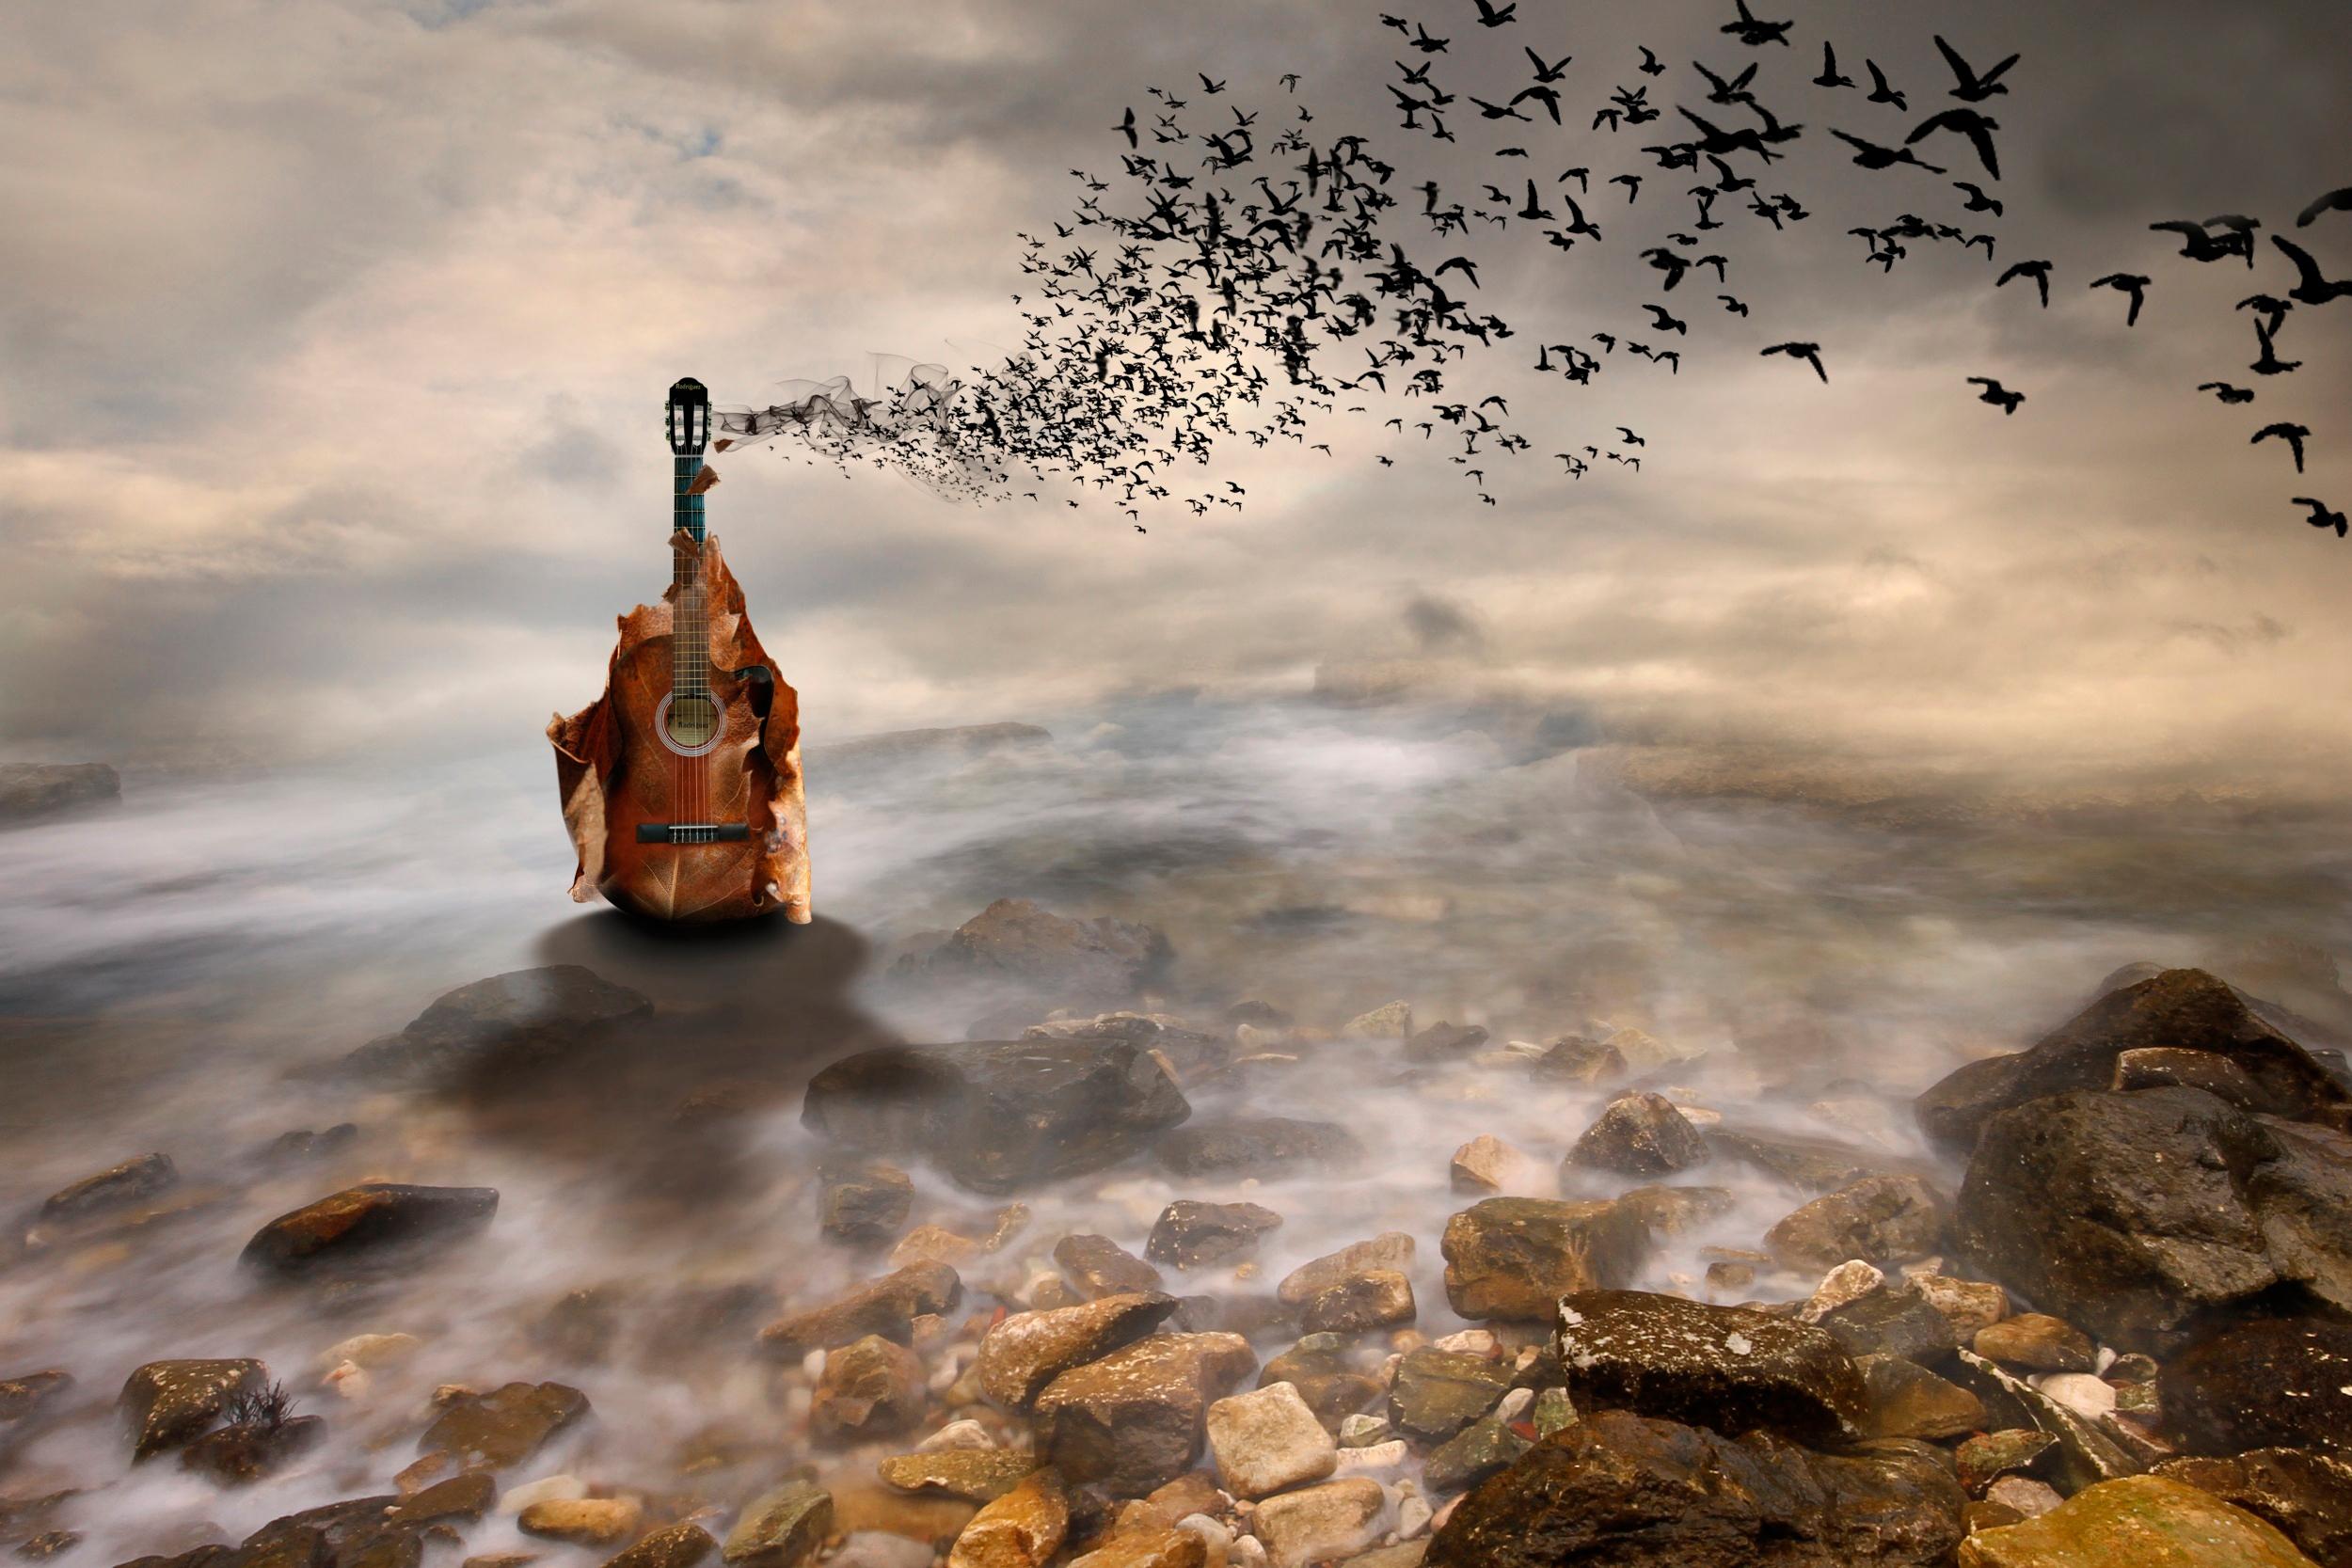 необычные картинки для музыки одной, передней